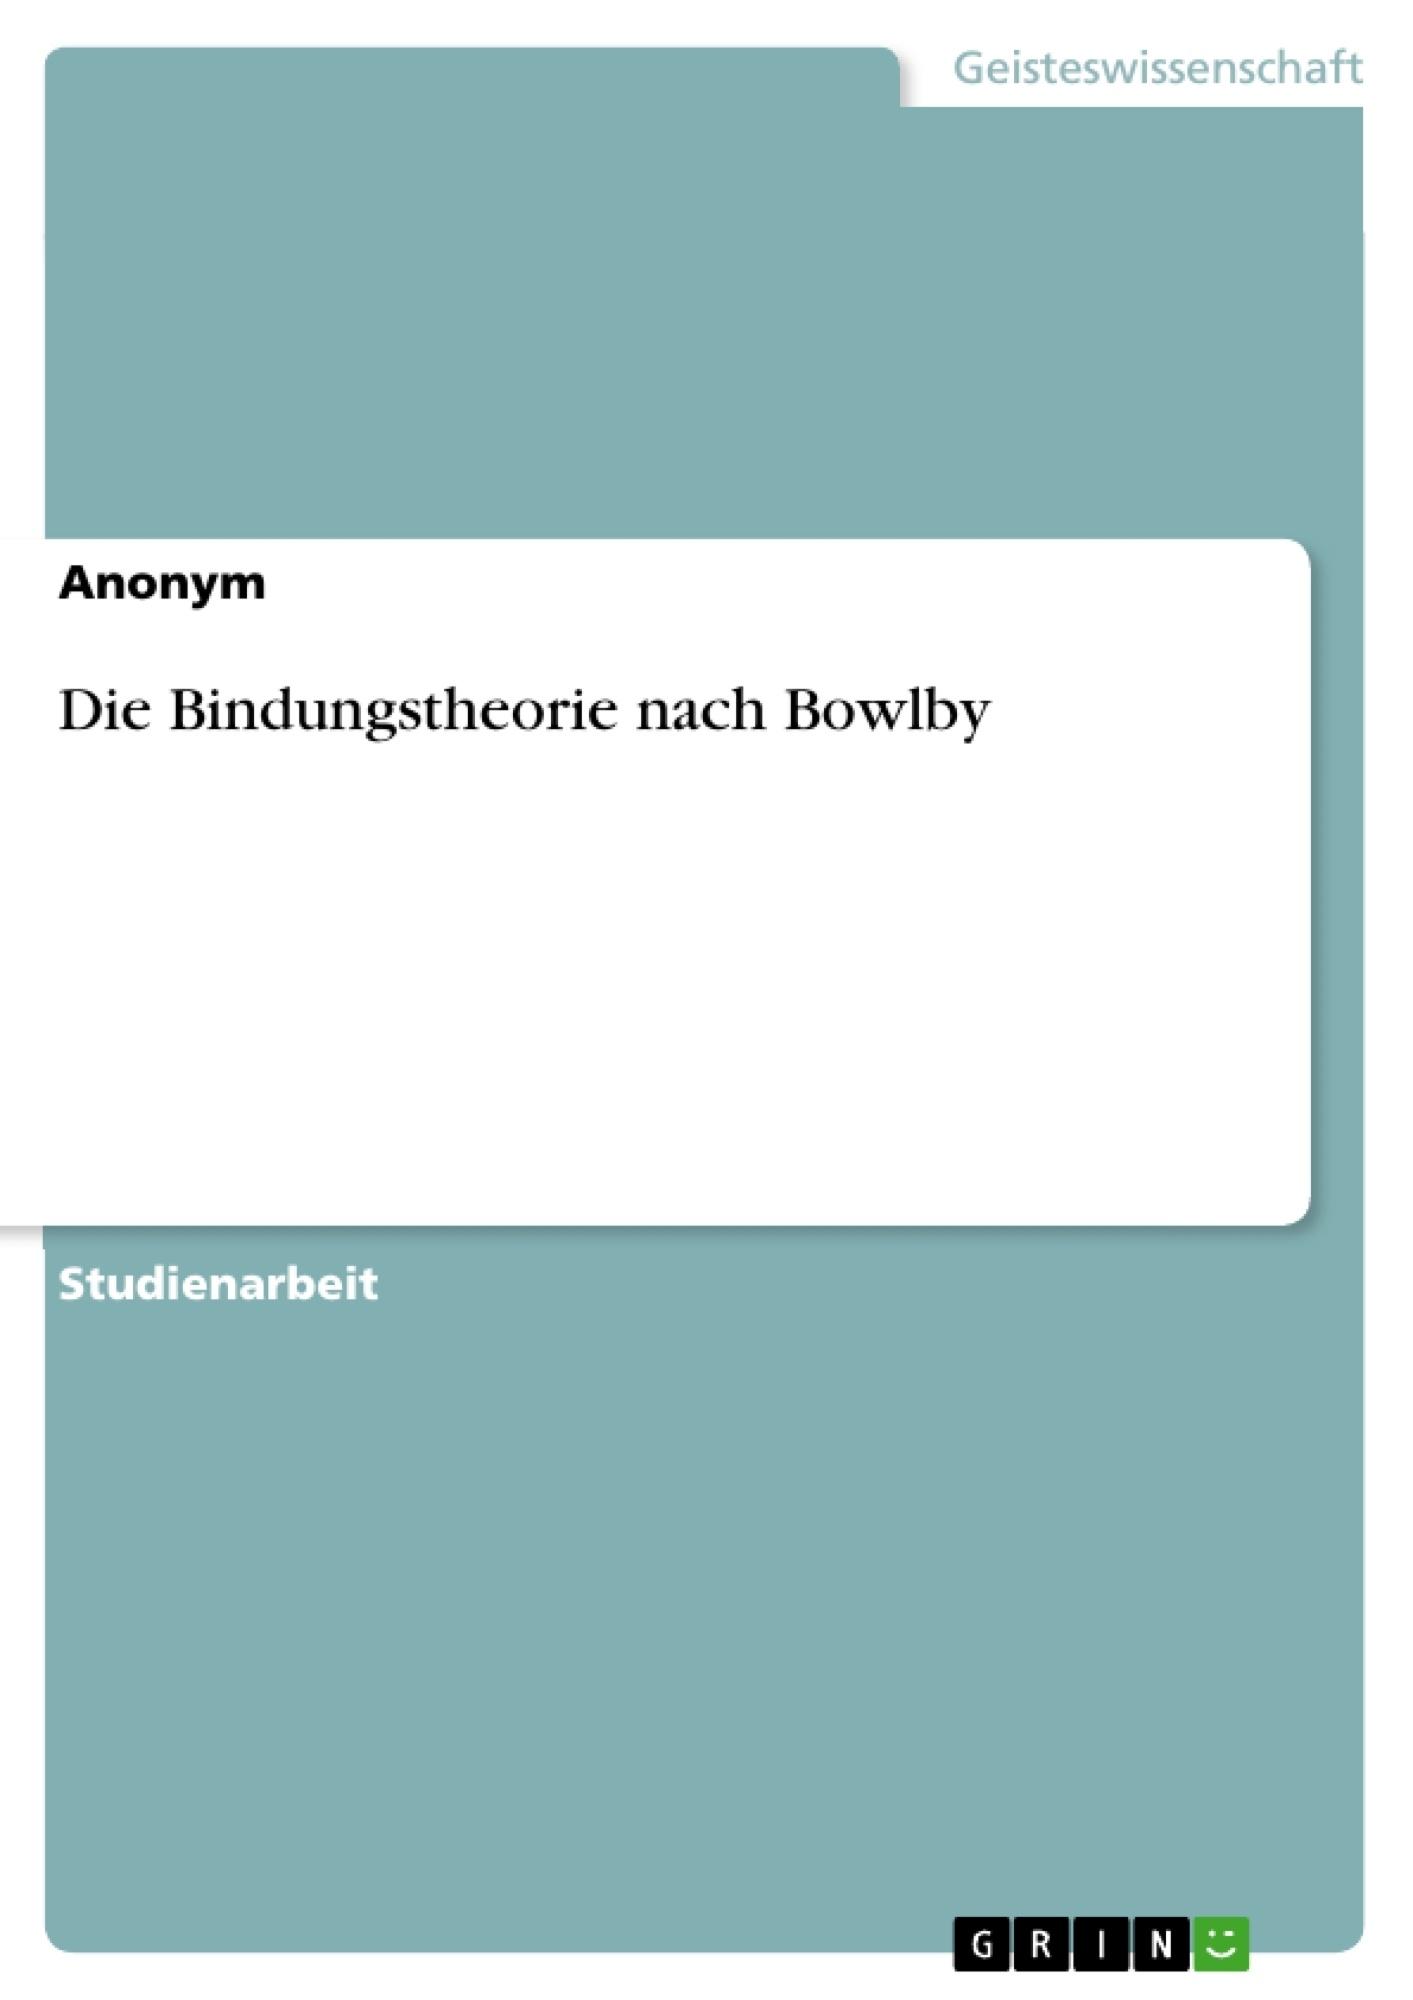 Titel: Die Bindungstheorie nach Bowlby